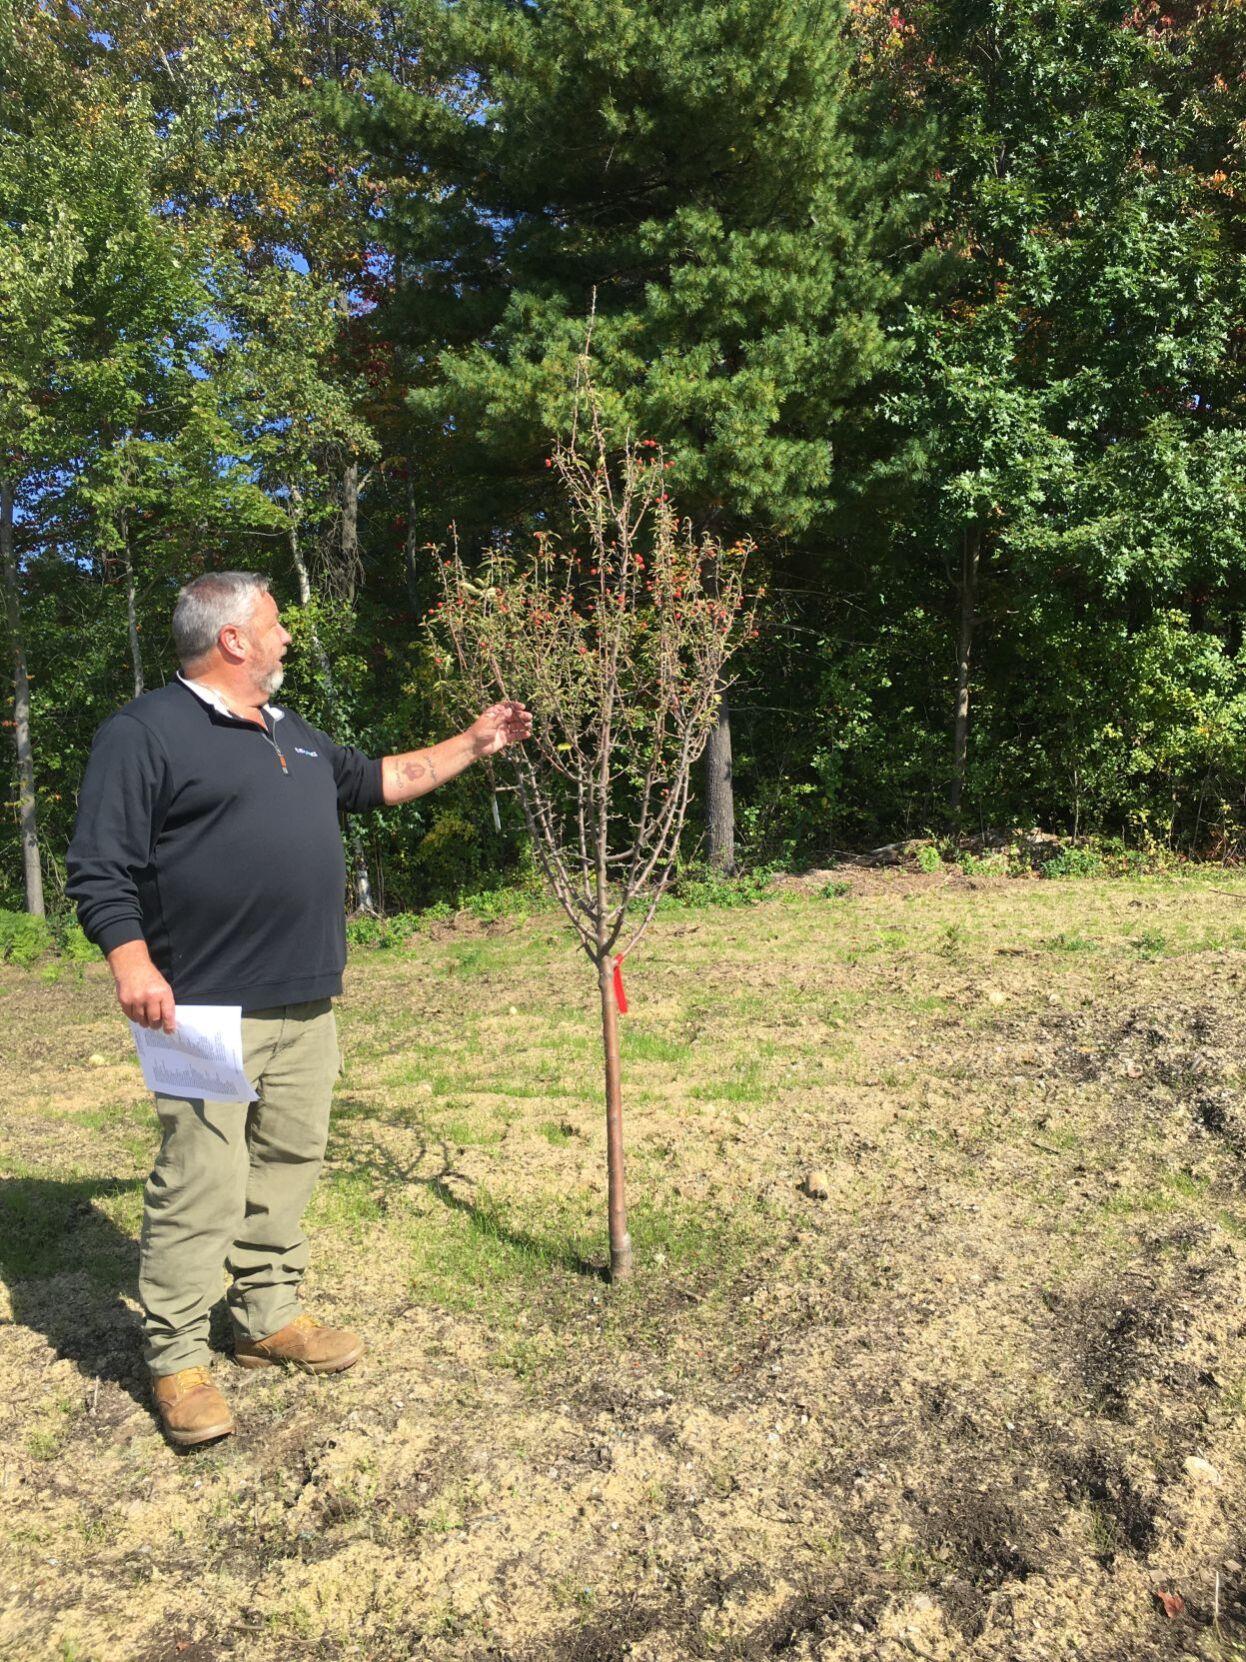 Eversource Vegetation Manager Bob Allen